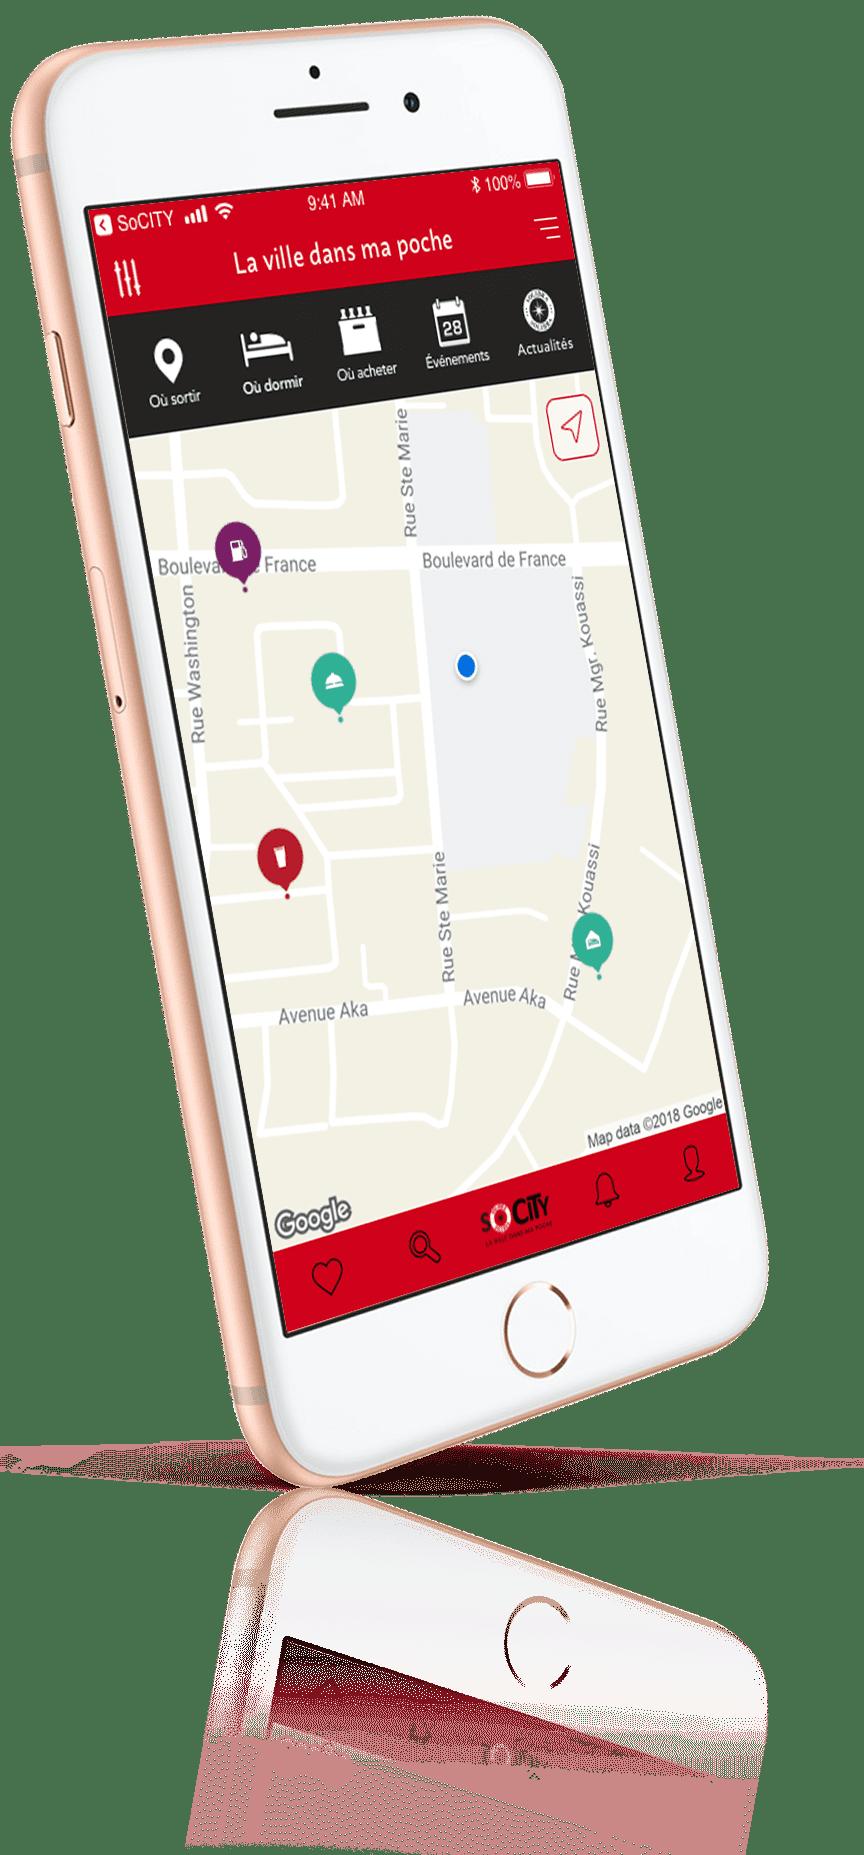 Socity, l'app mobile pour s'amuser et Sortir à Abidjan sur iPhone 6